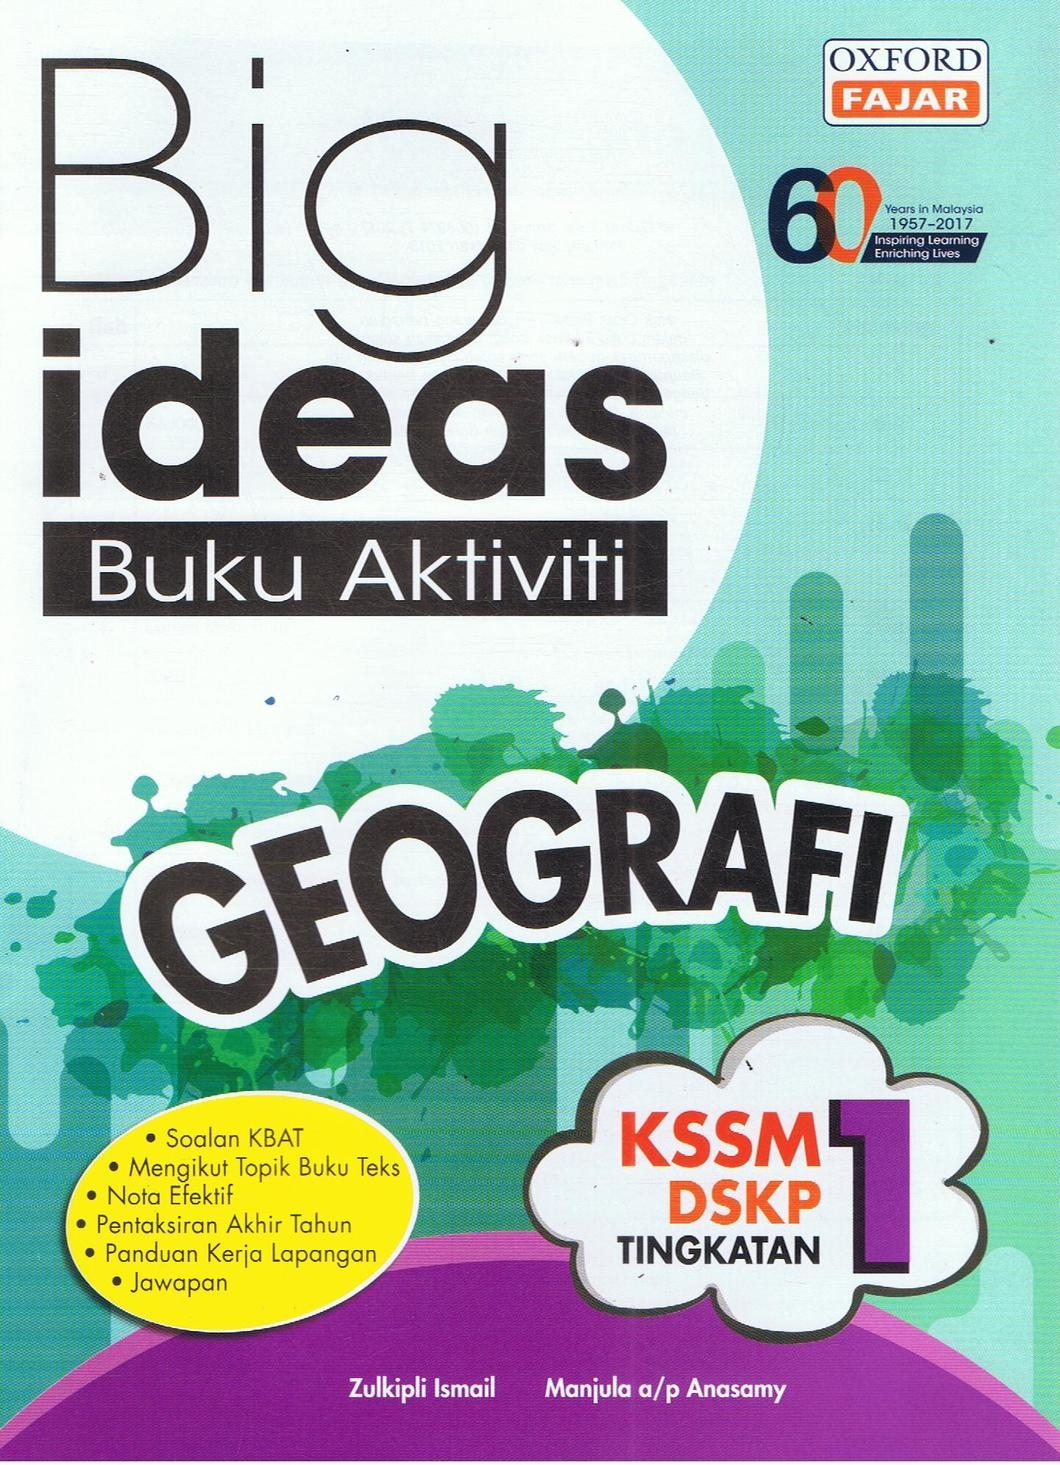 Download Dskp Geografi Tingkatan 1 Menarik Big Ideas Buku Aktiviti Geografi Tingkatan 1 Bukudbp Com Of Dapatkan Dskp Geografi Tingkatan 1 Yang Power Khas Untuk Para Guru Muat Turun